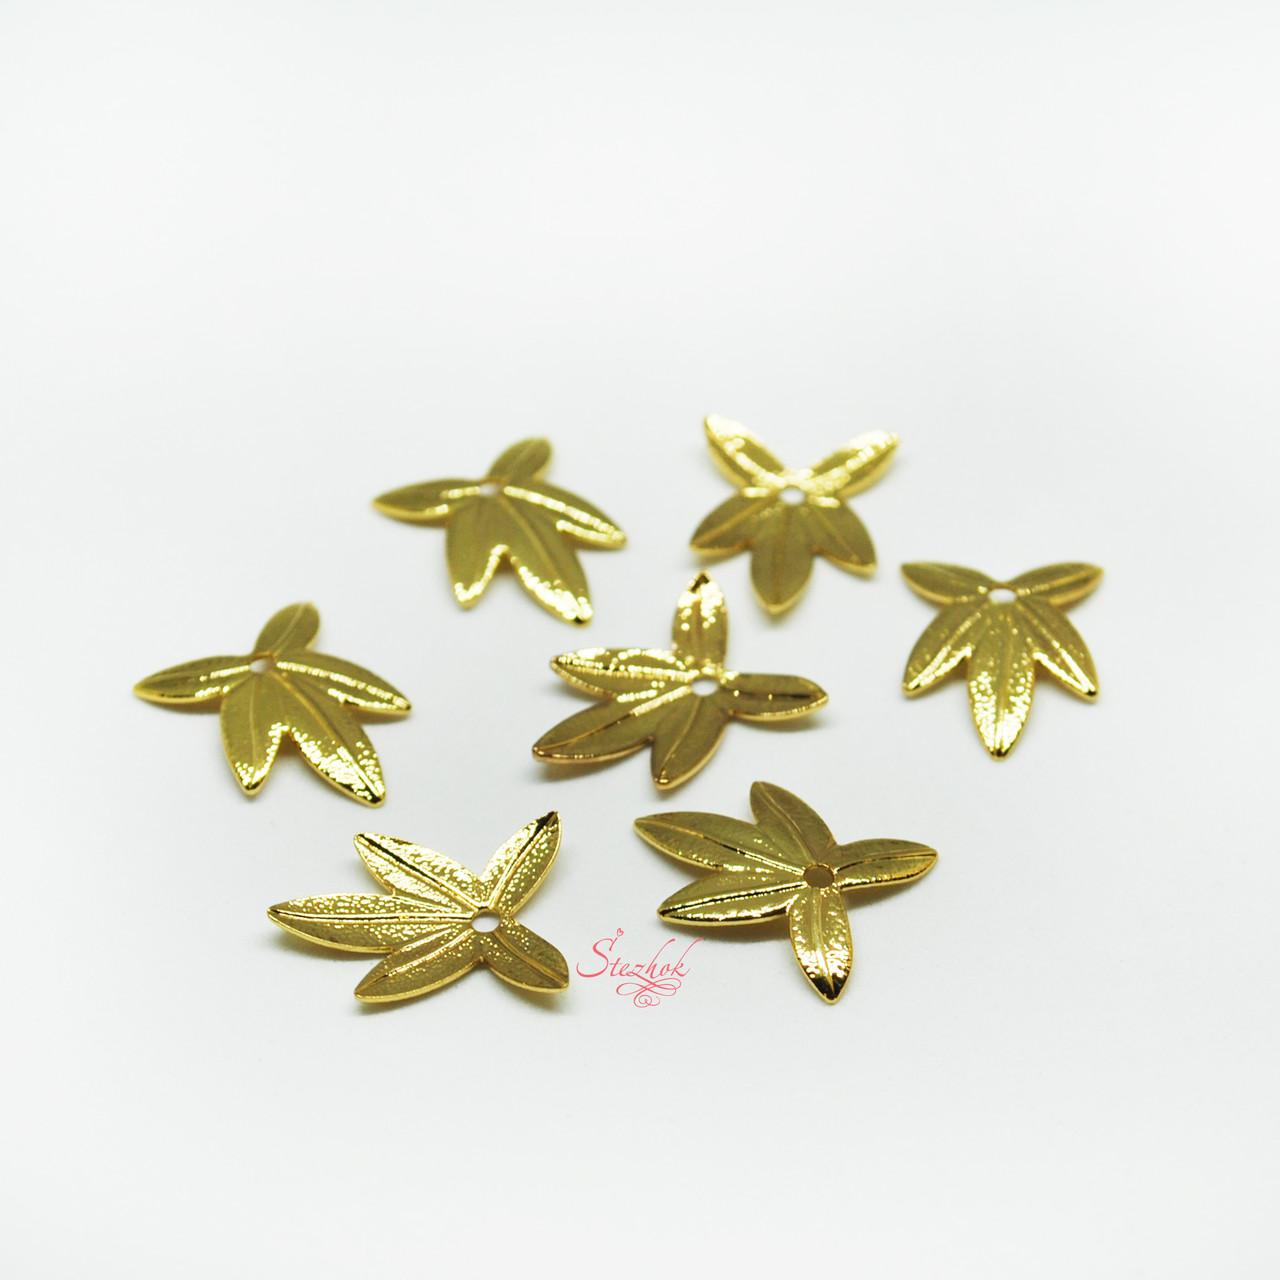 Металлическая подвеска листик 15х11мм для рукоделия цвет золото